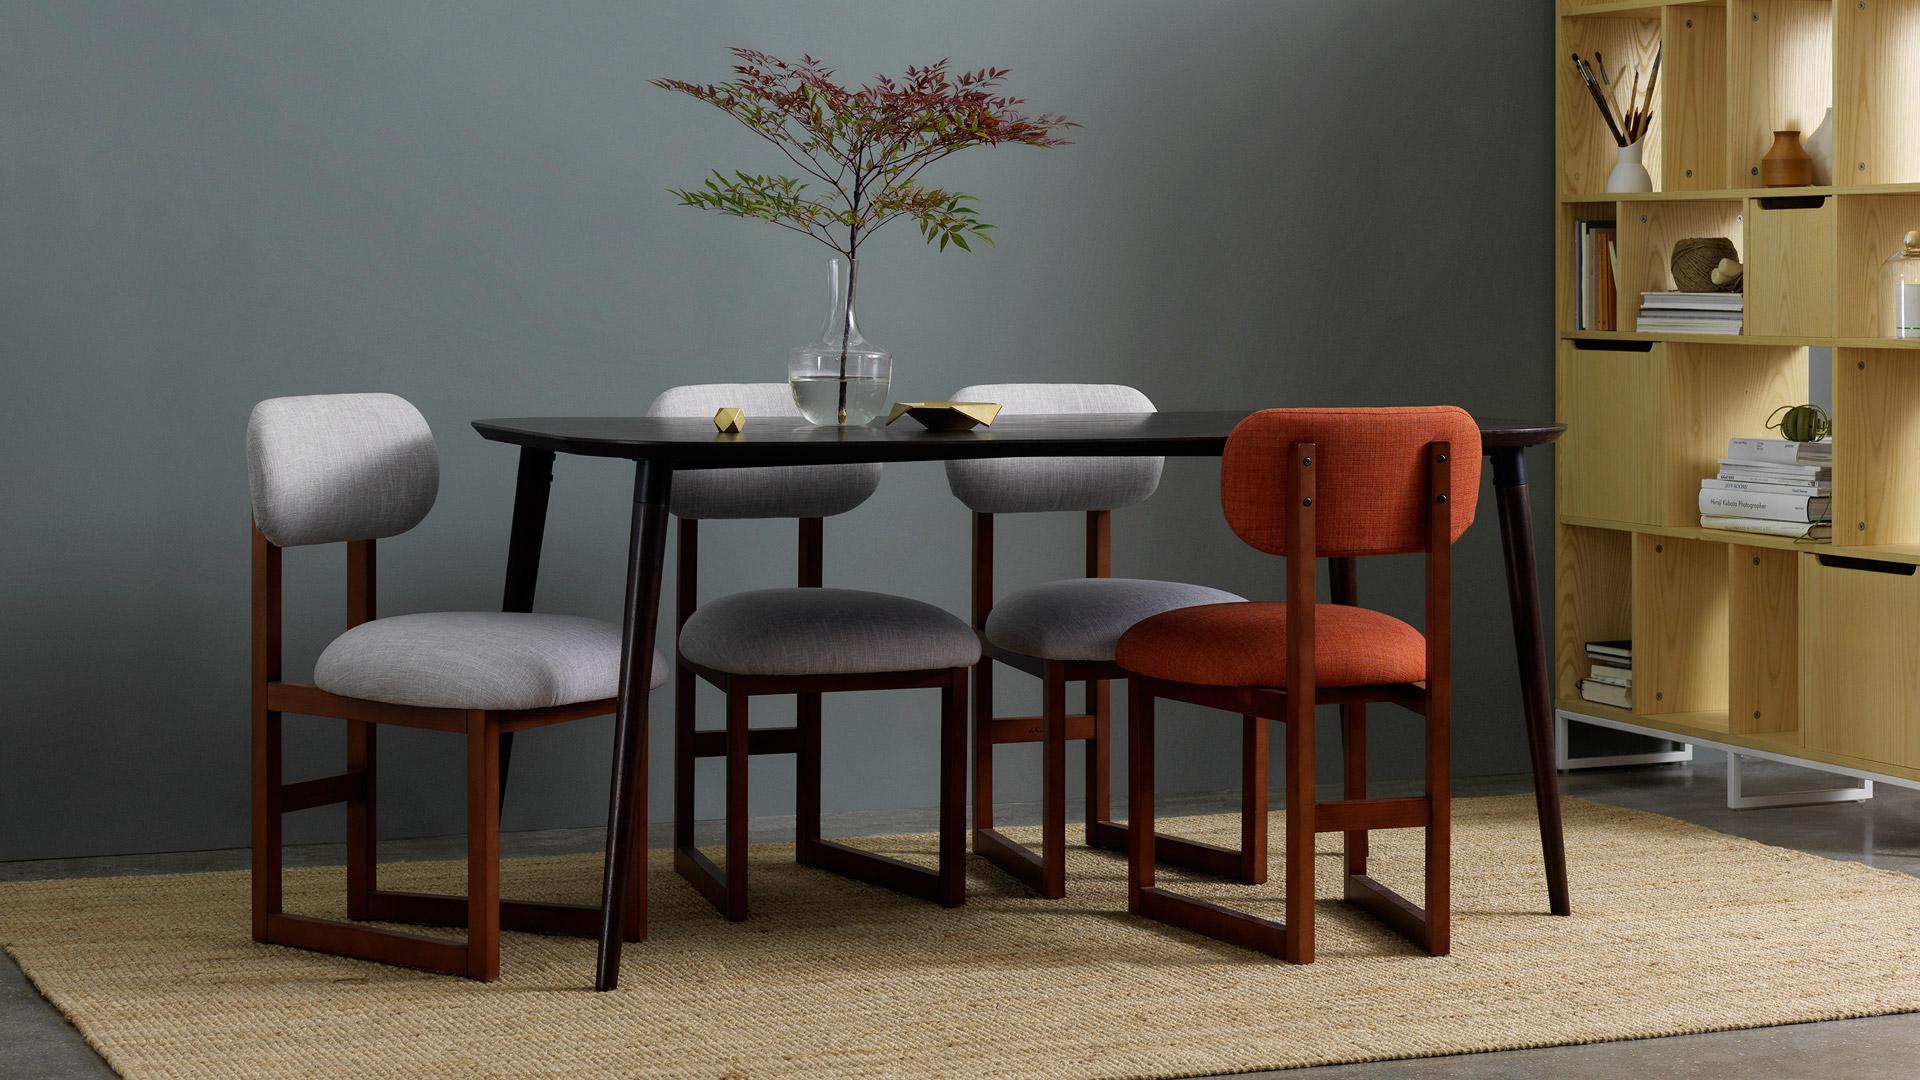 用一把撞色餐椅,点亮优雅餐厅氛围,与家人享受一段犒赏味蕾的时光。